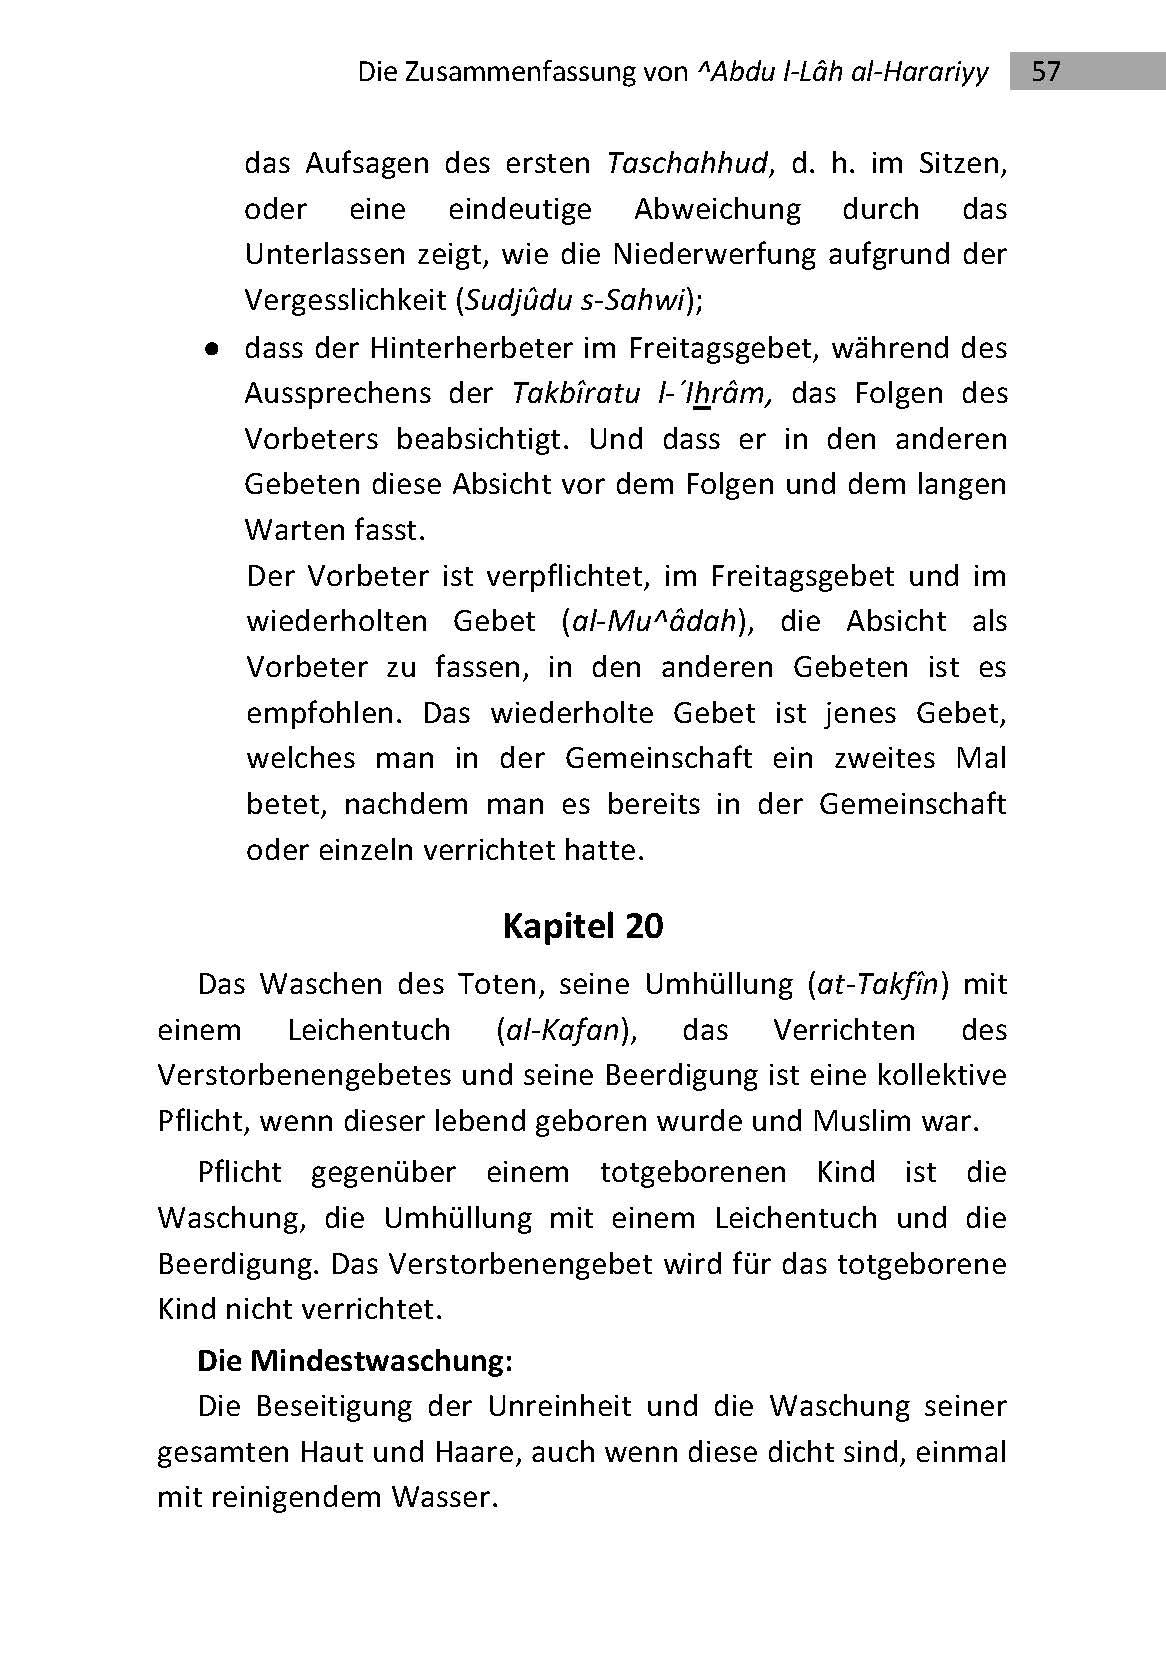 Die Zusammenfassung - 3. Auflage 2014_Seite_57